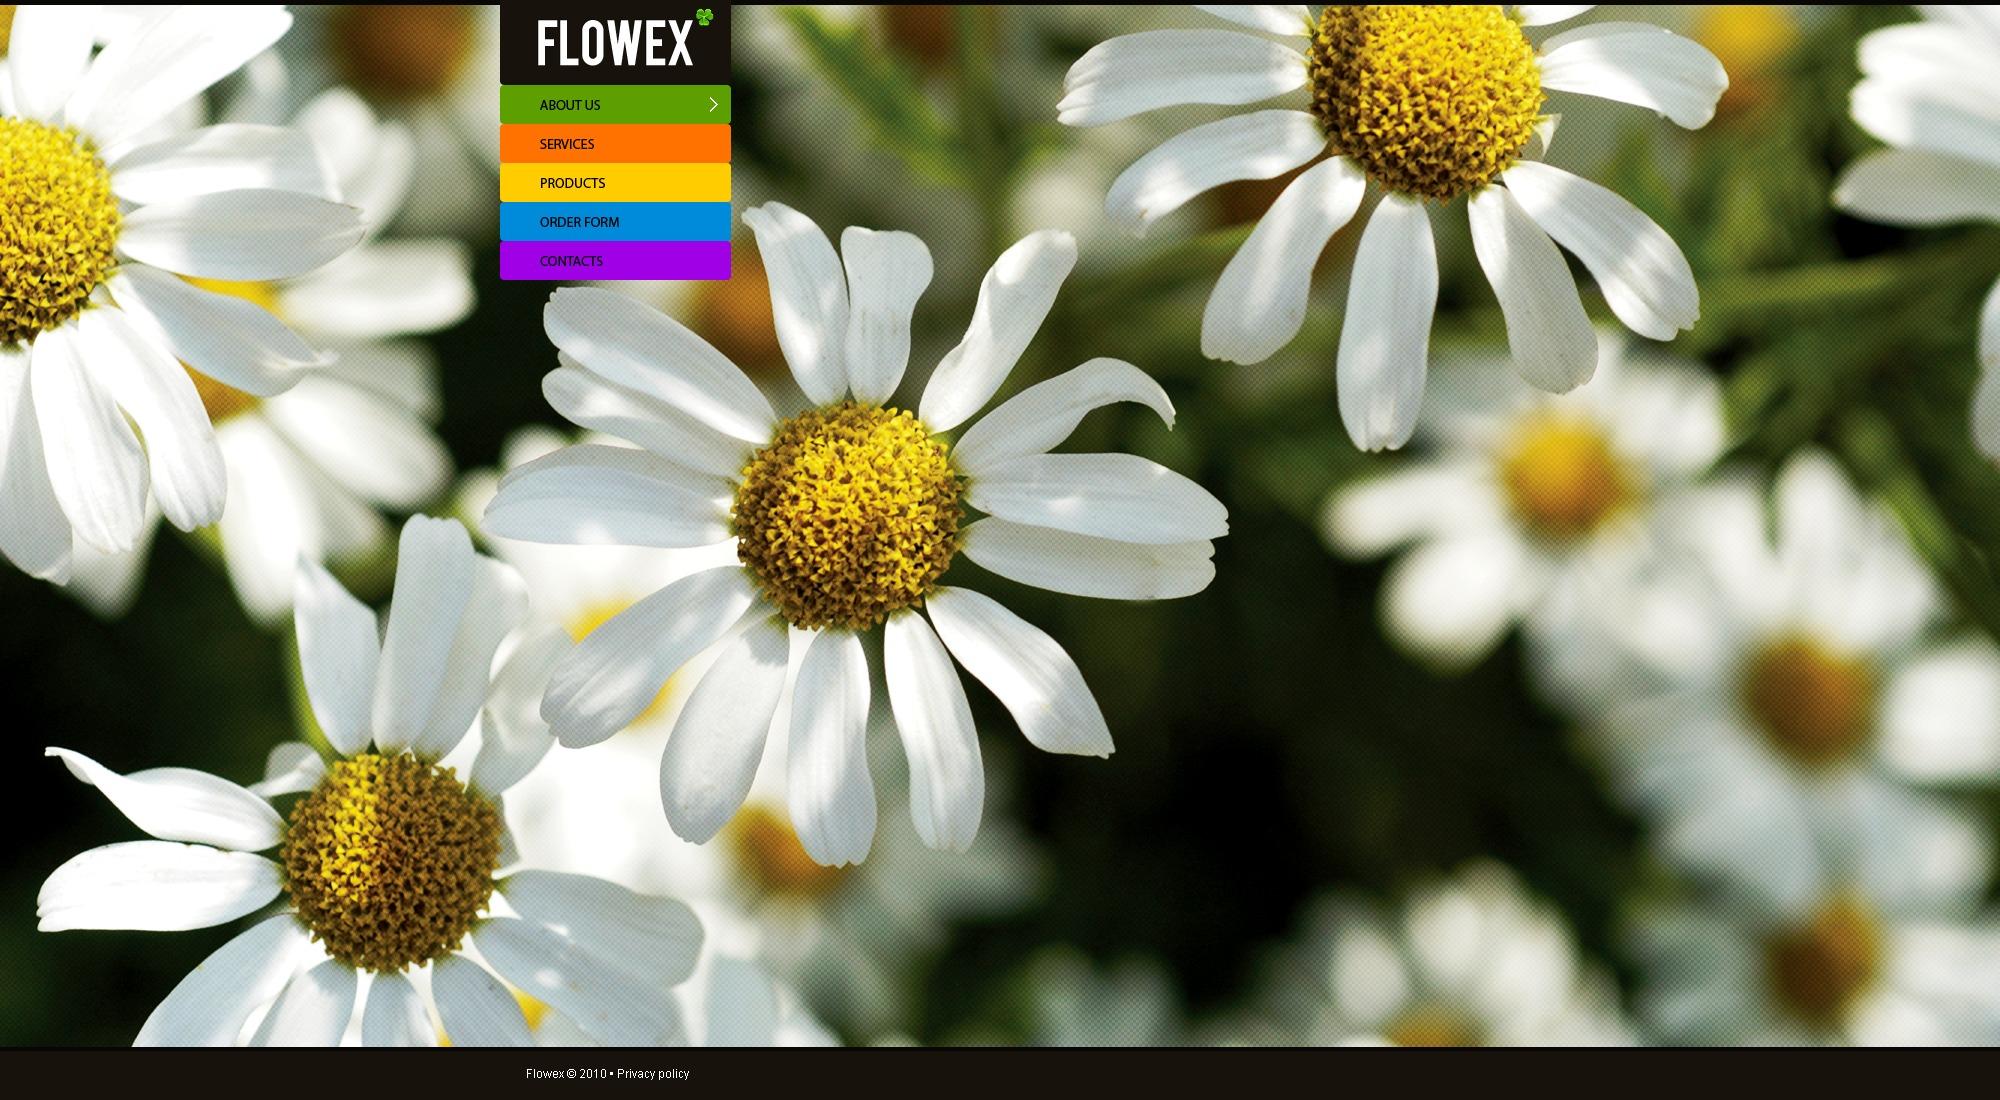 花卉Joomla模板 #30351 - 截图